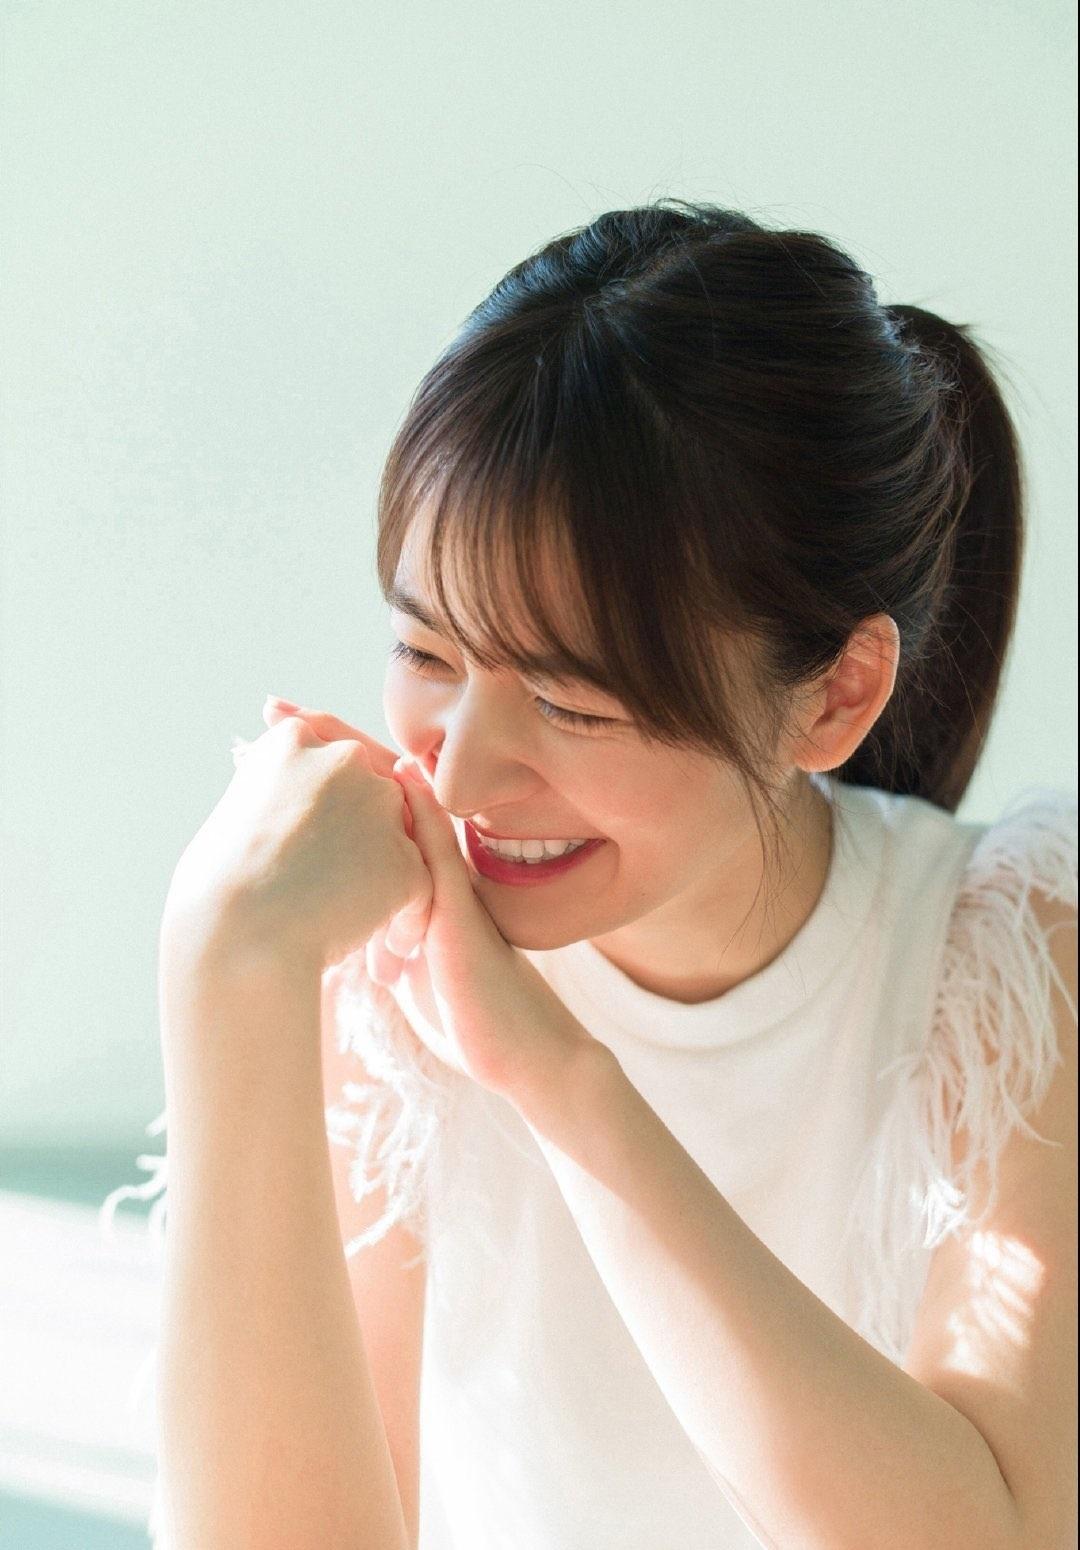 金川纱耶 网络美女 第4张